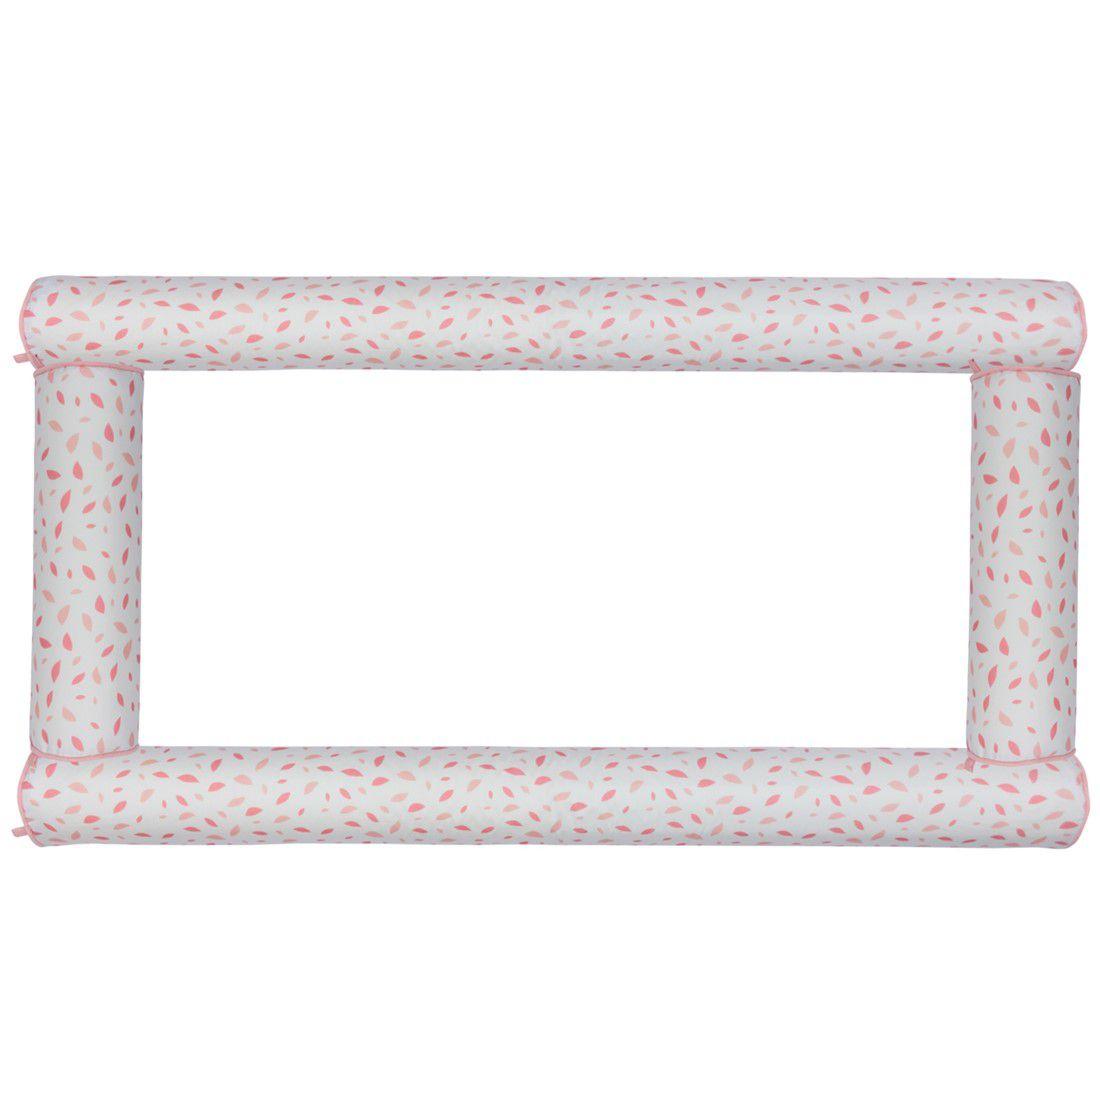 Kit Berço Rolos chão de folhas rosa chá (4 peças)